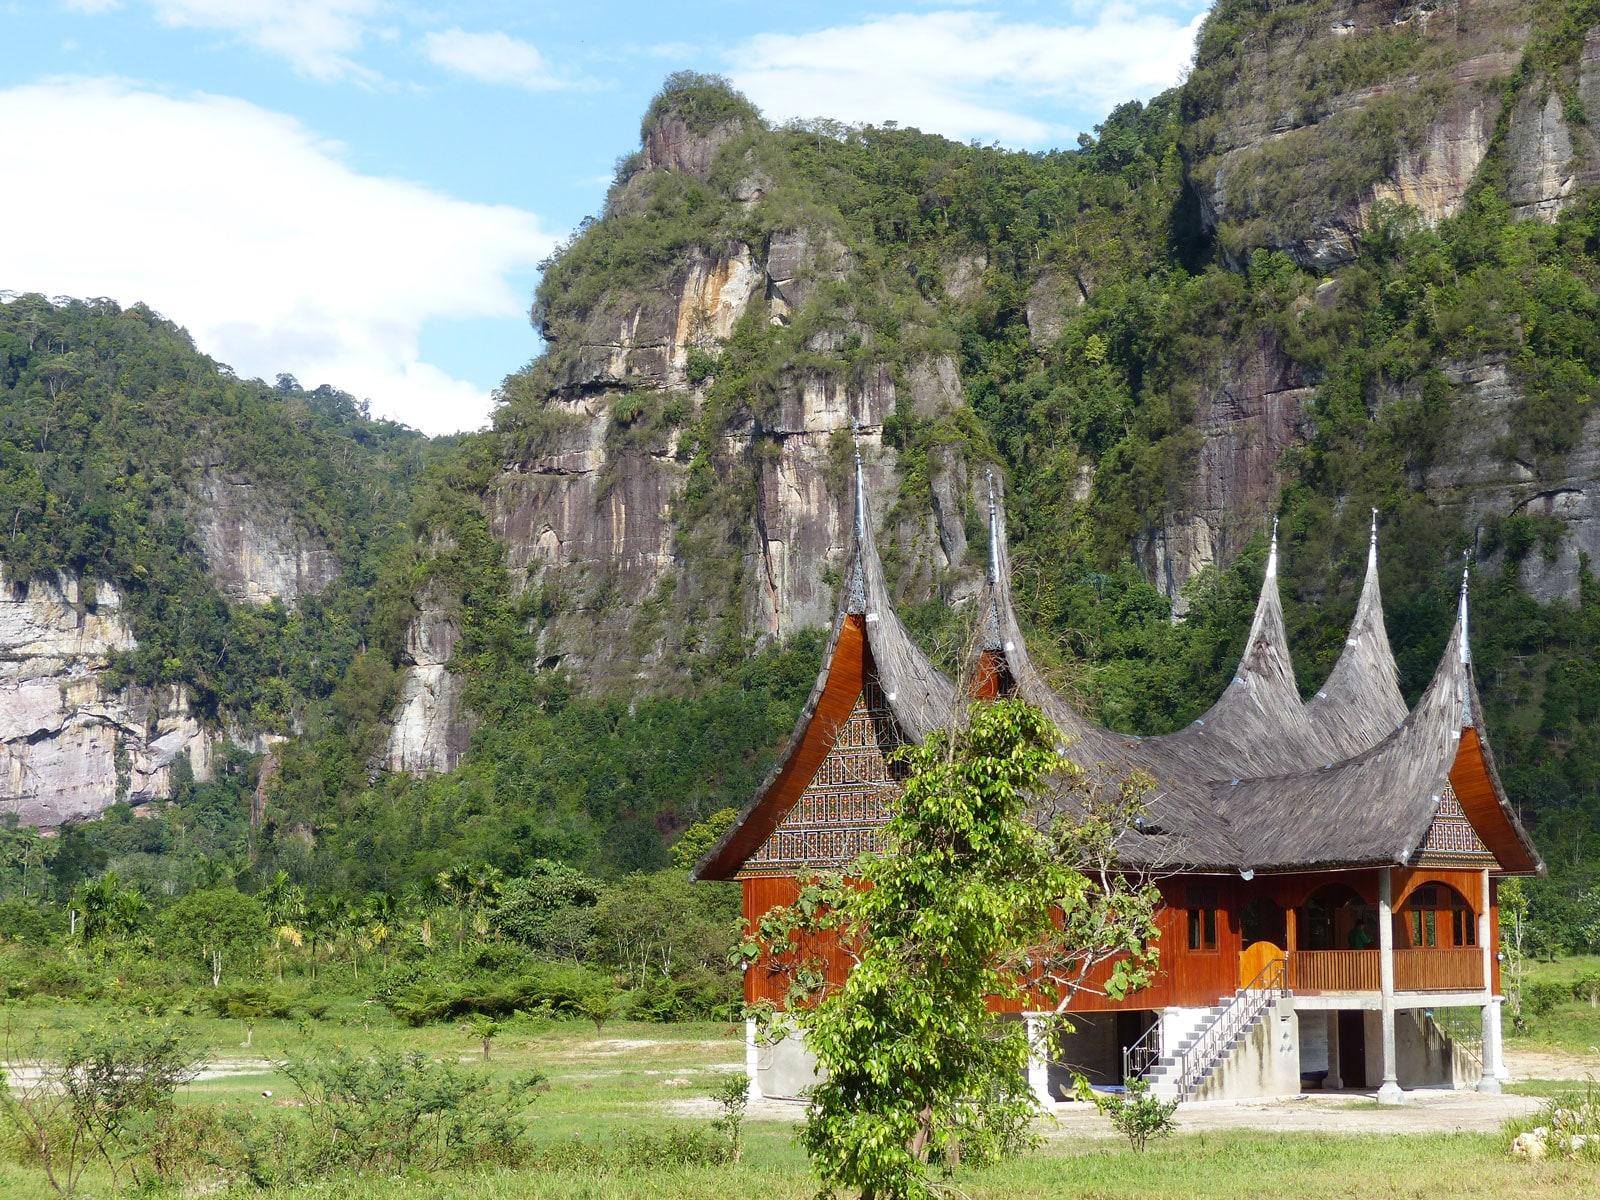 rondreis sumatra harau valley 9